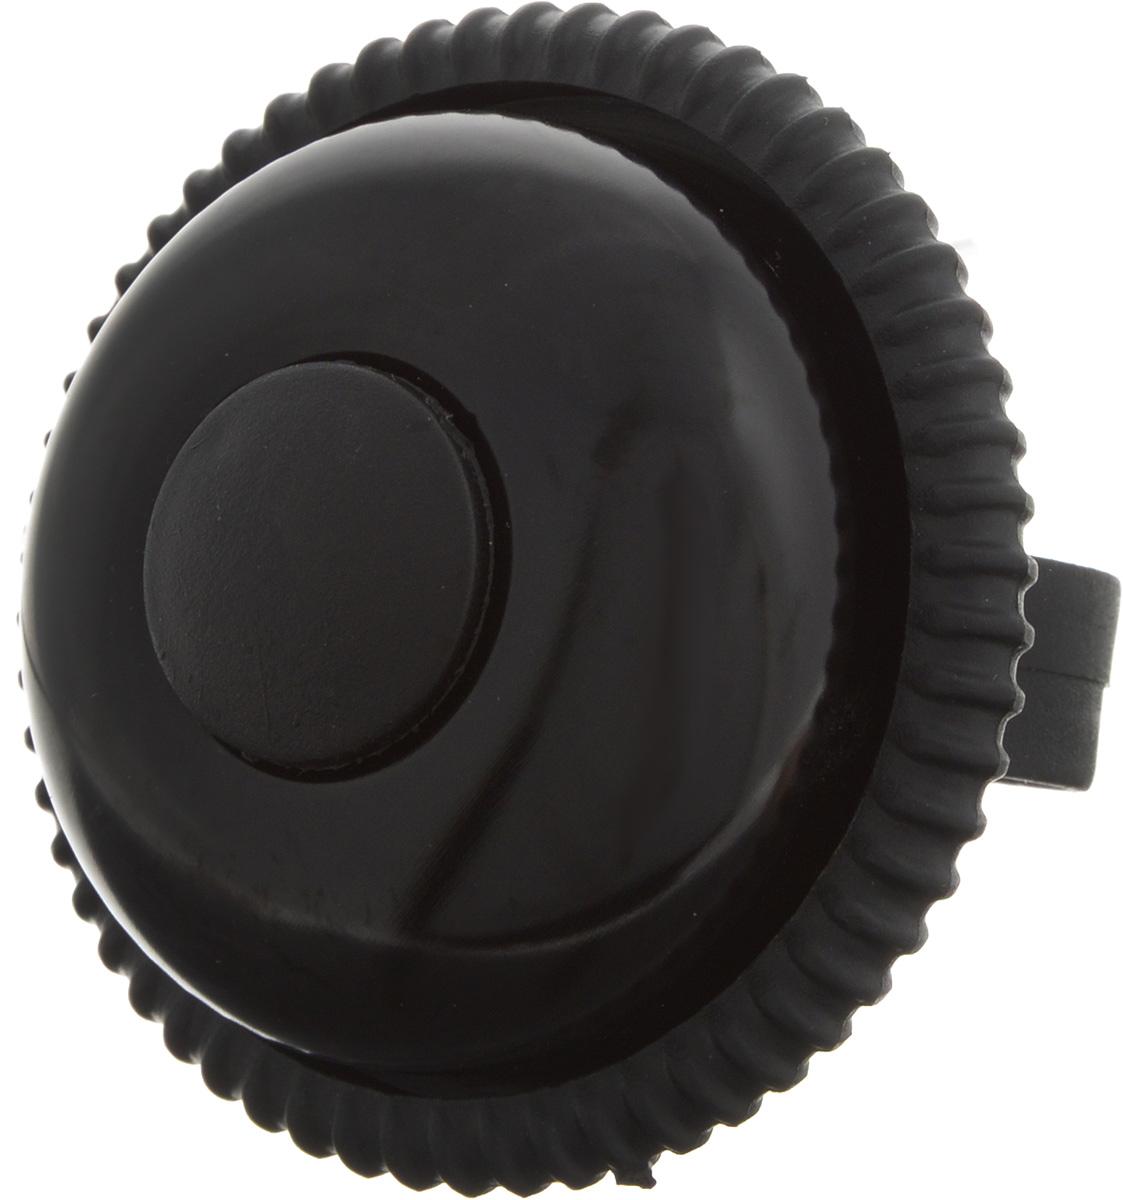 Звонок велосипедный Stern, цвет: черныйCRH-3.Звонок Stern изготовлен из металла и пластика. Изделие крепится на руль велосипеда и позволяет привлечь внимание в опасных ситуациях. Оригинальный звонок сделает вашу езду безопасной. Диаметр звонка: 6,5 см.